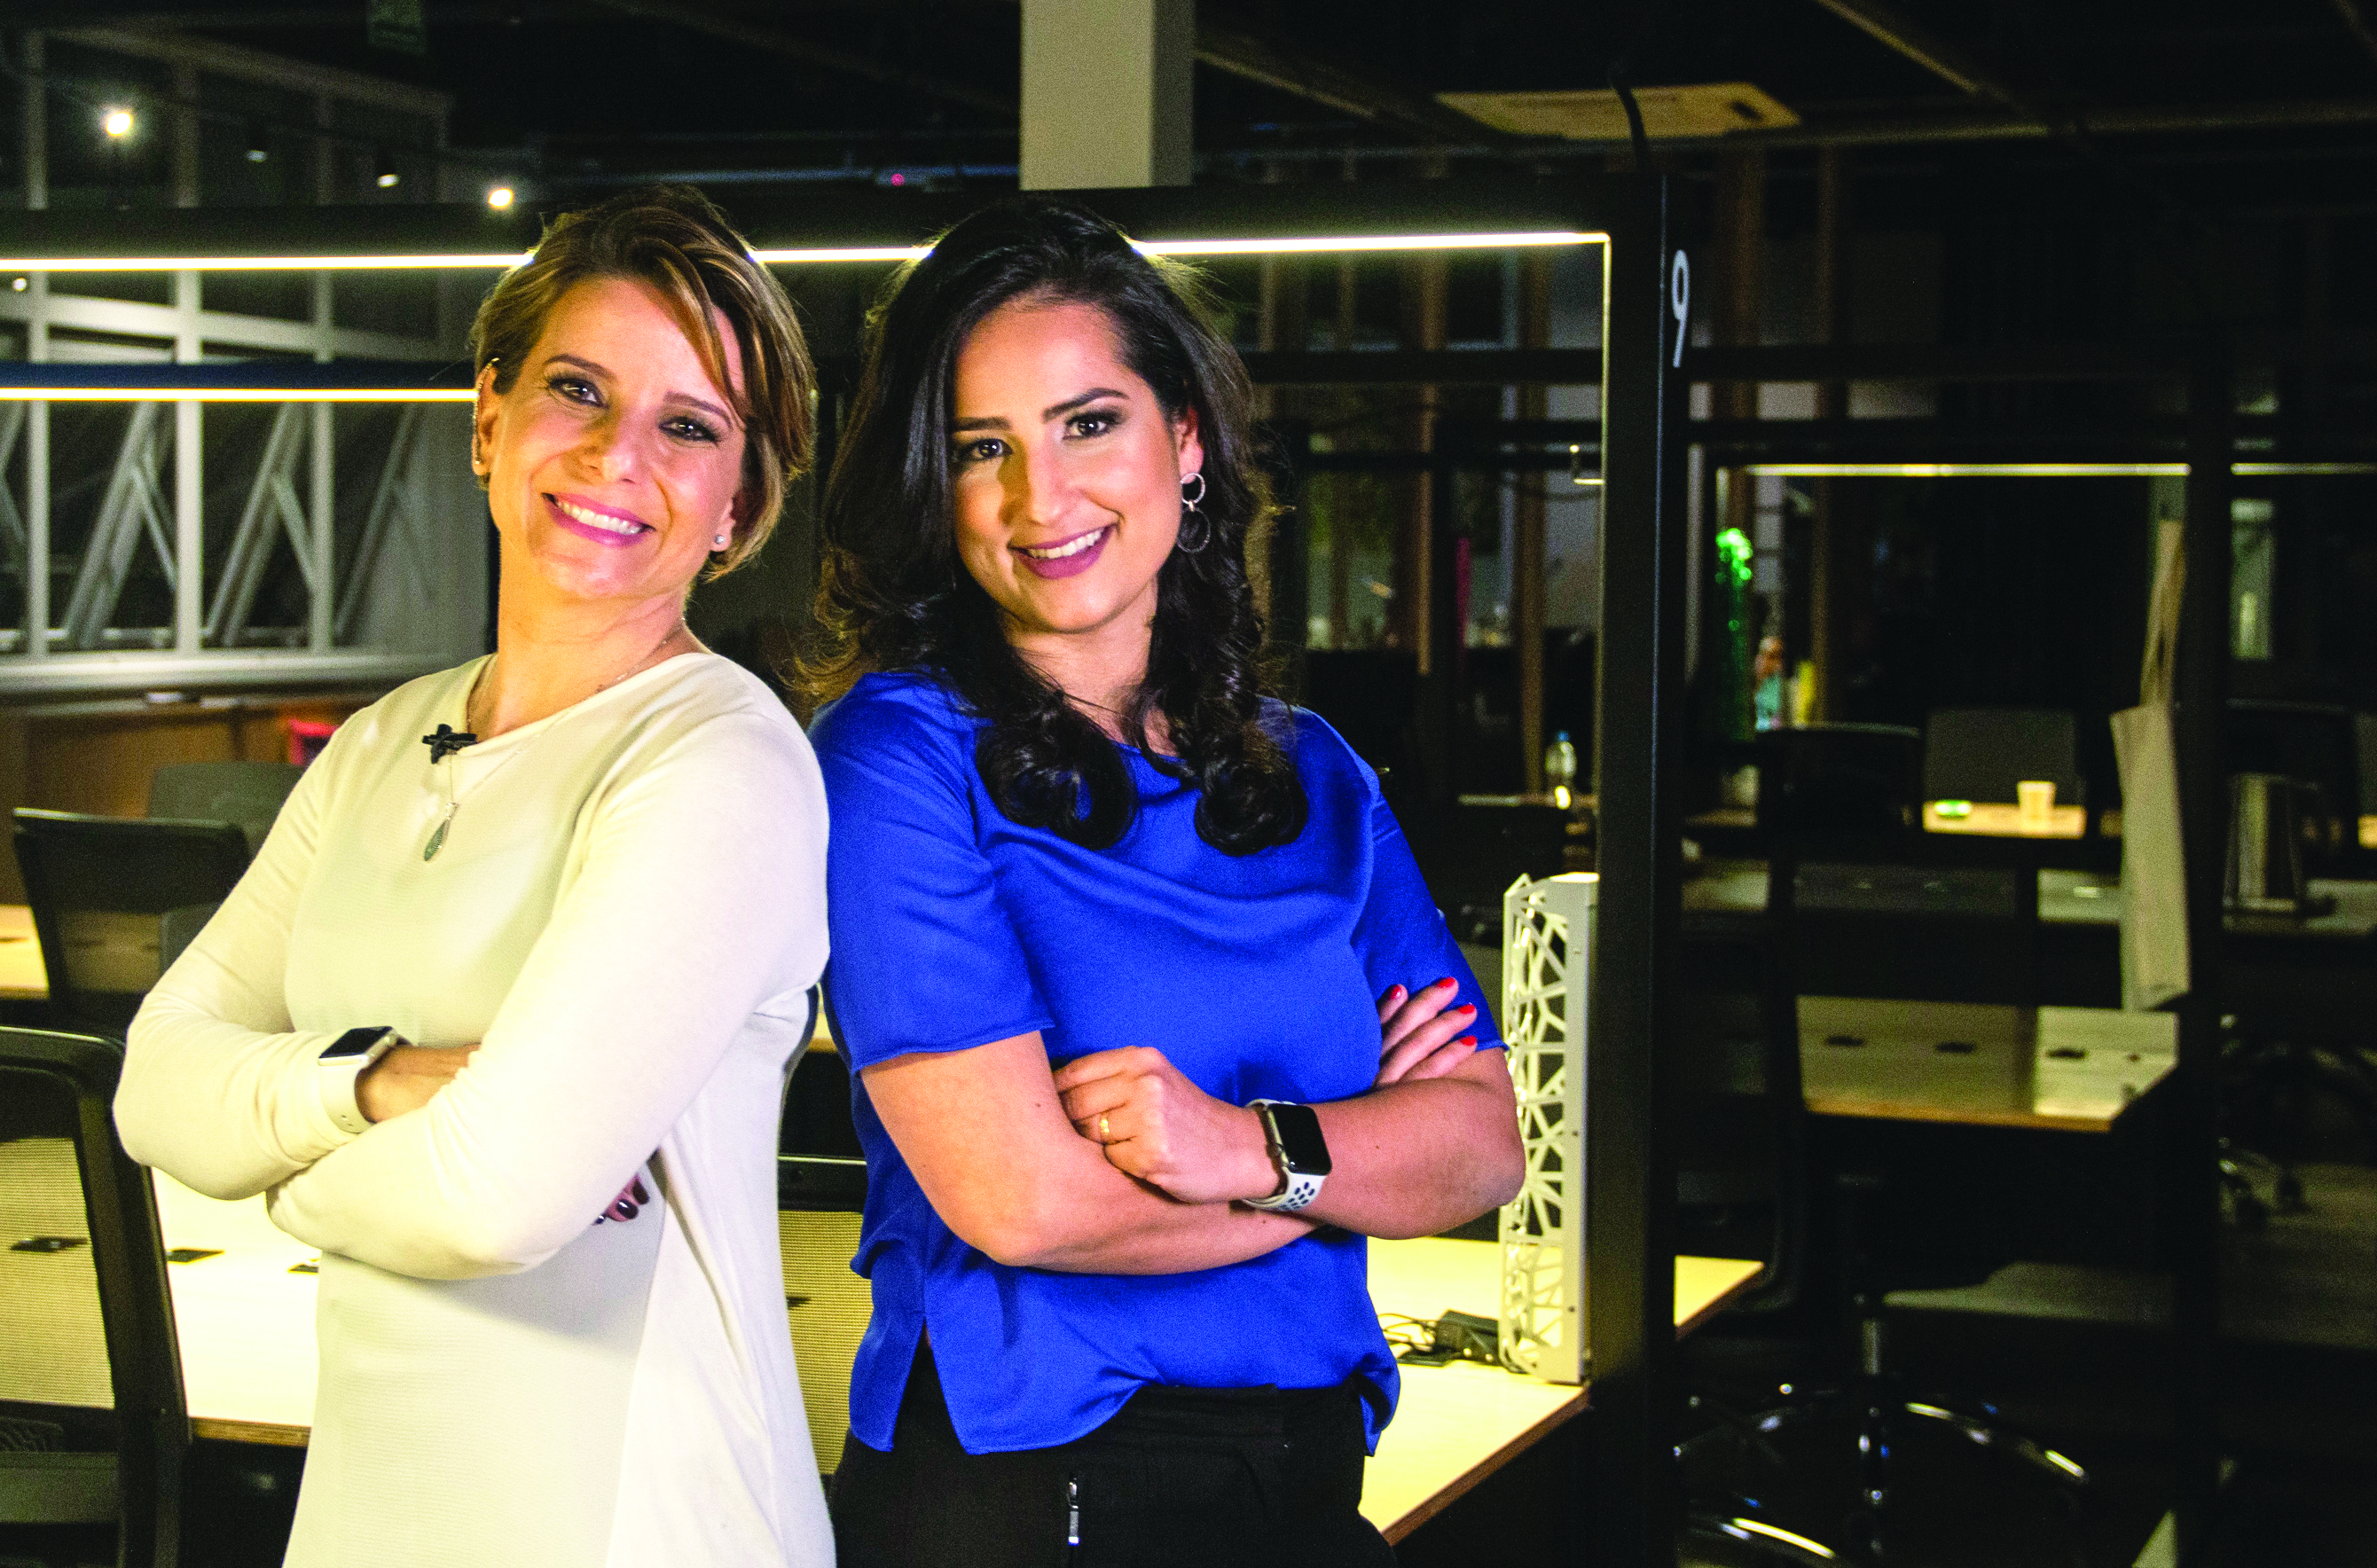 uciana Cattony e Susana Zaman, à frente da consultoria Maternidade nas Empresas - Foto divulgação